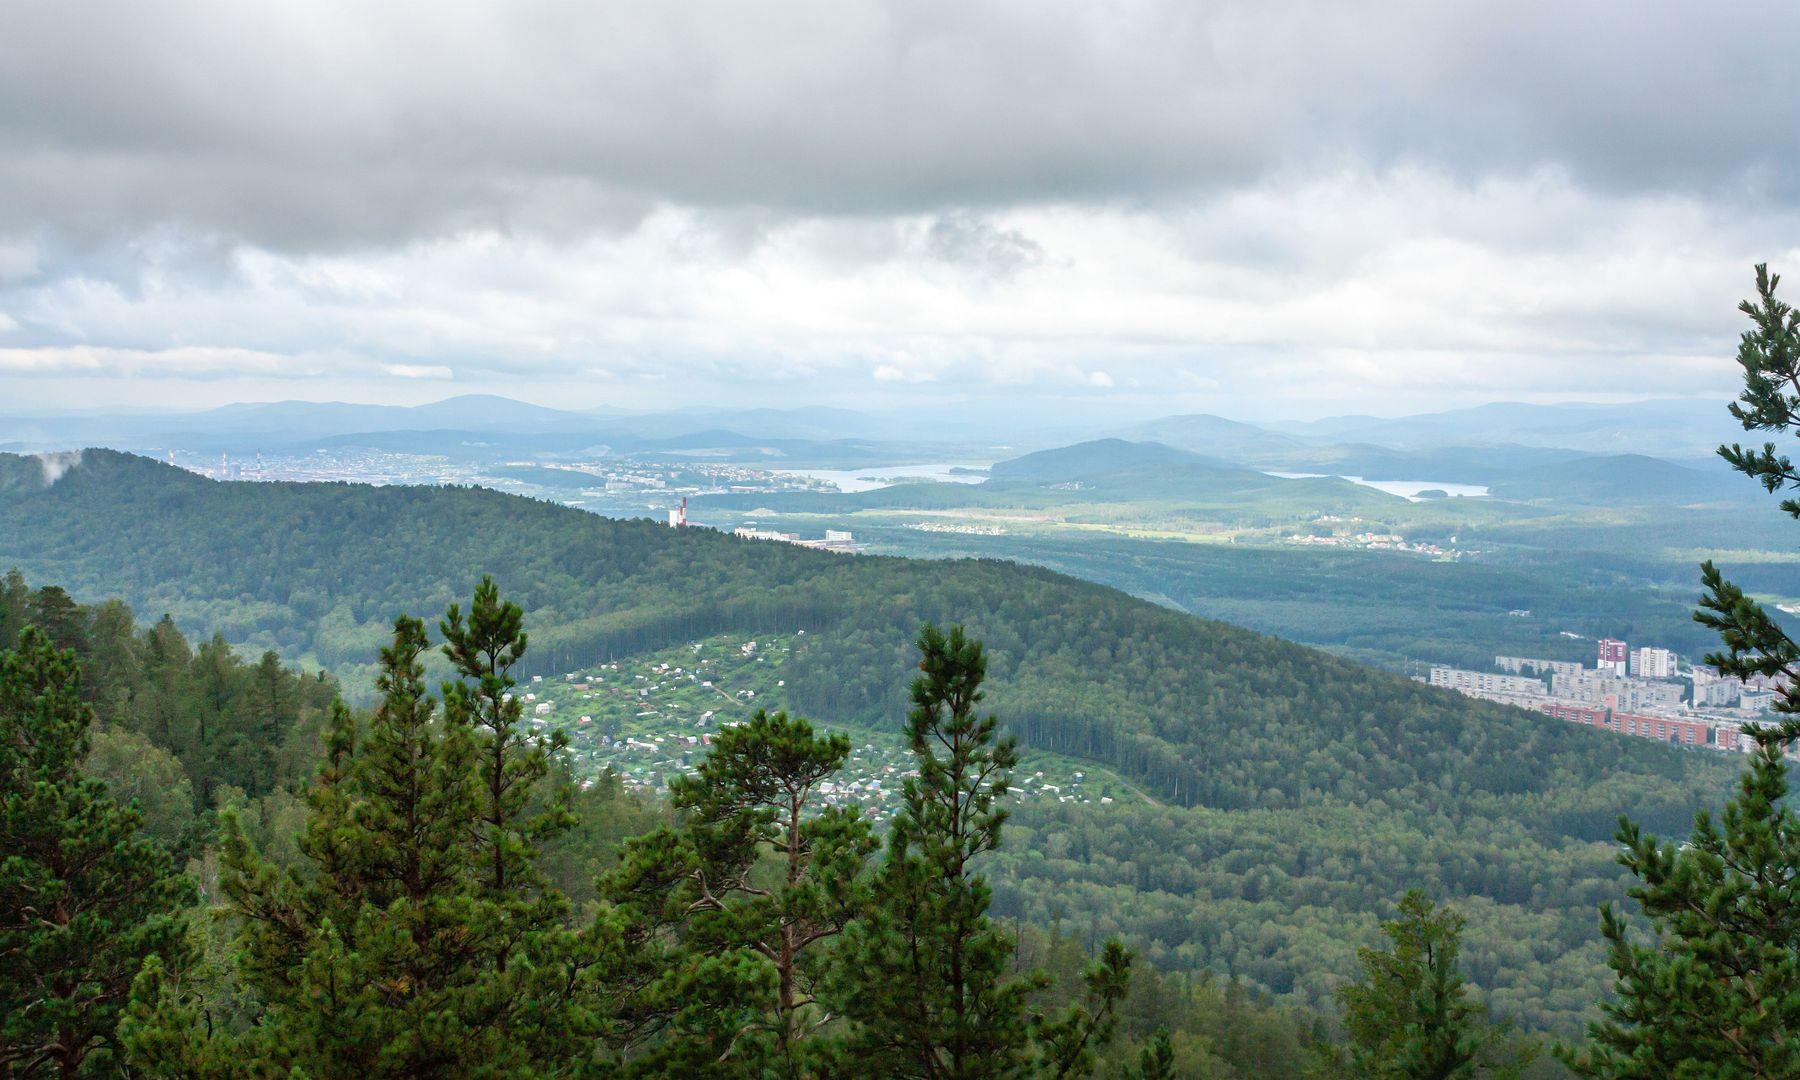 На перевале. Ильменский хребет. Вид на г. Миасс. Южный Урал Миасс Ильменский хребет перевал природа лето